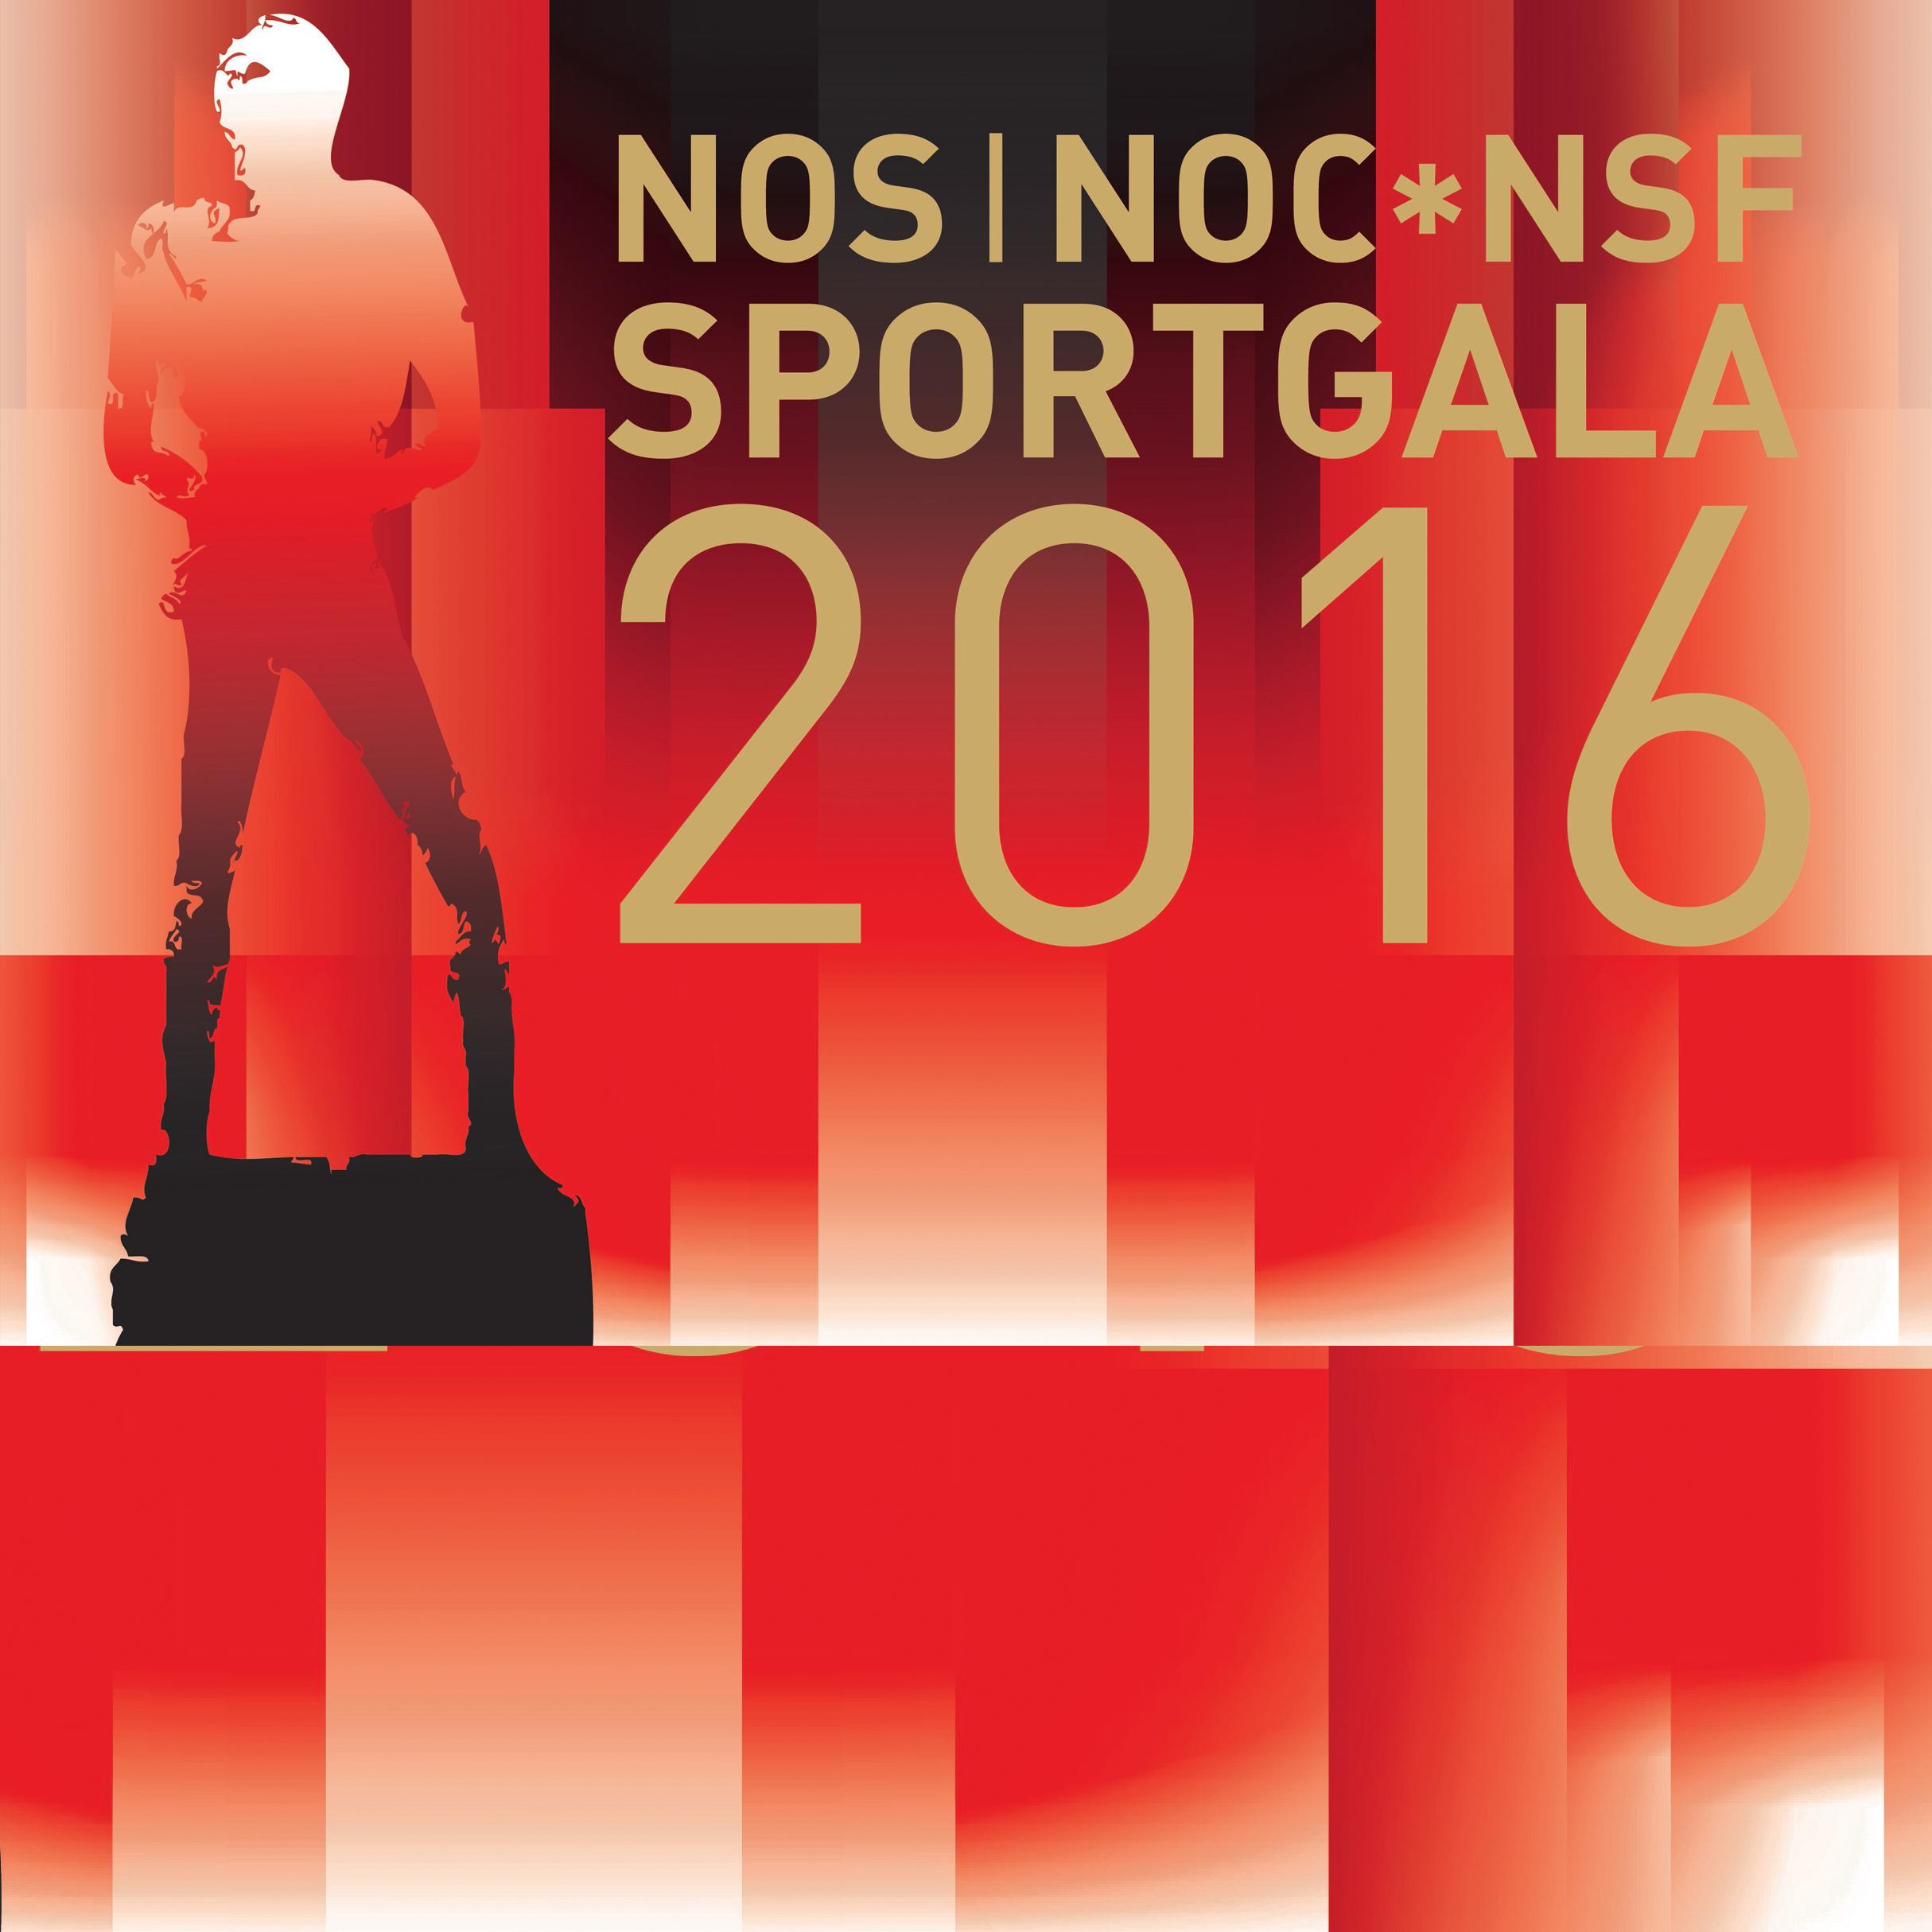 sportgala-2016